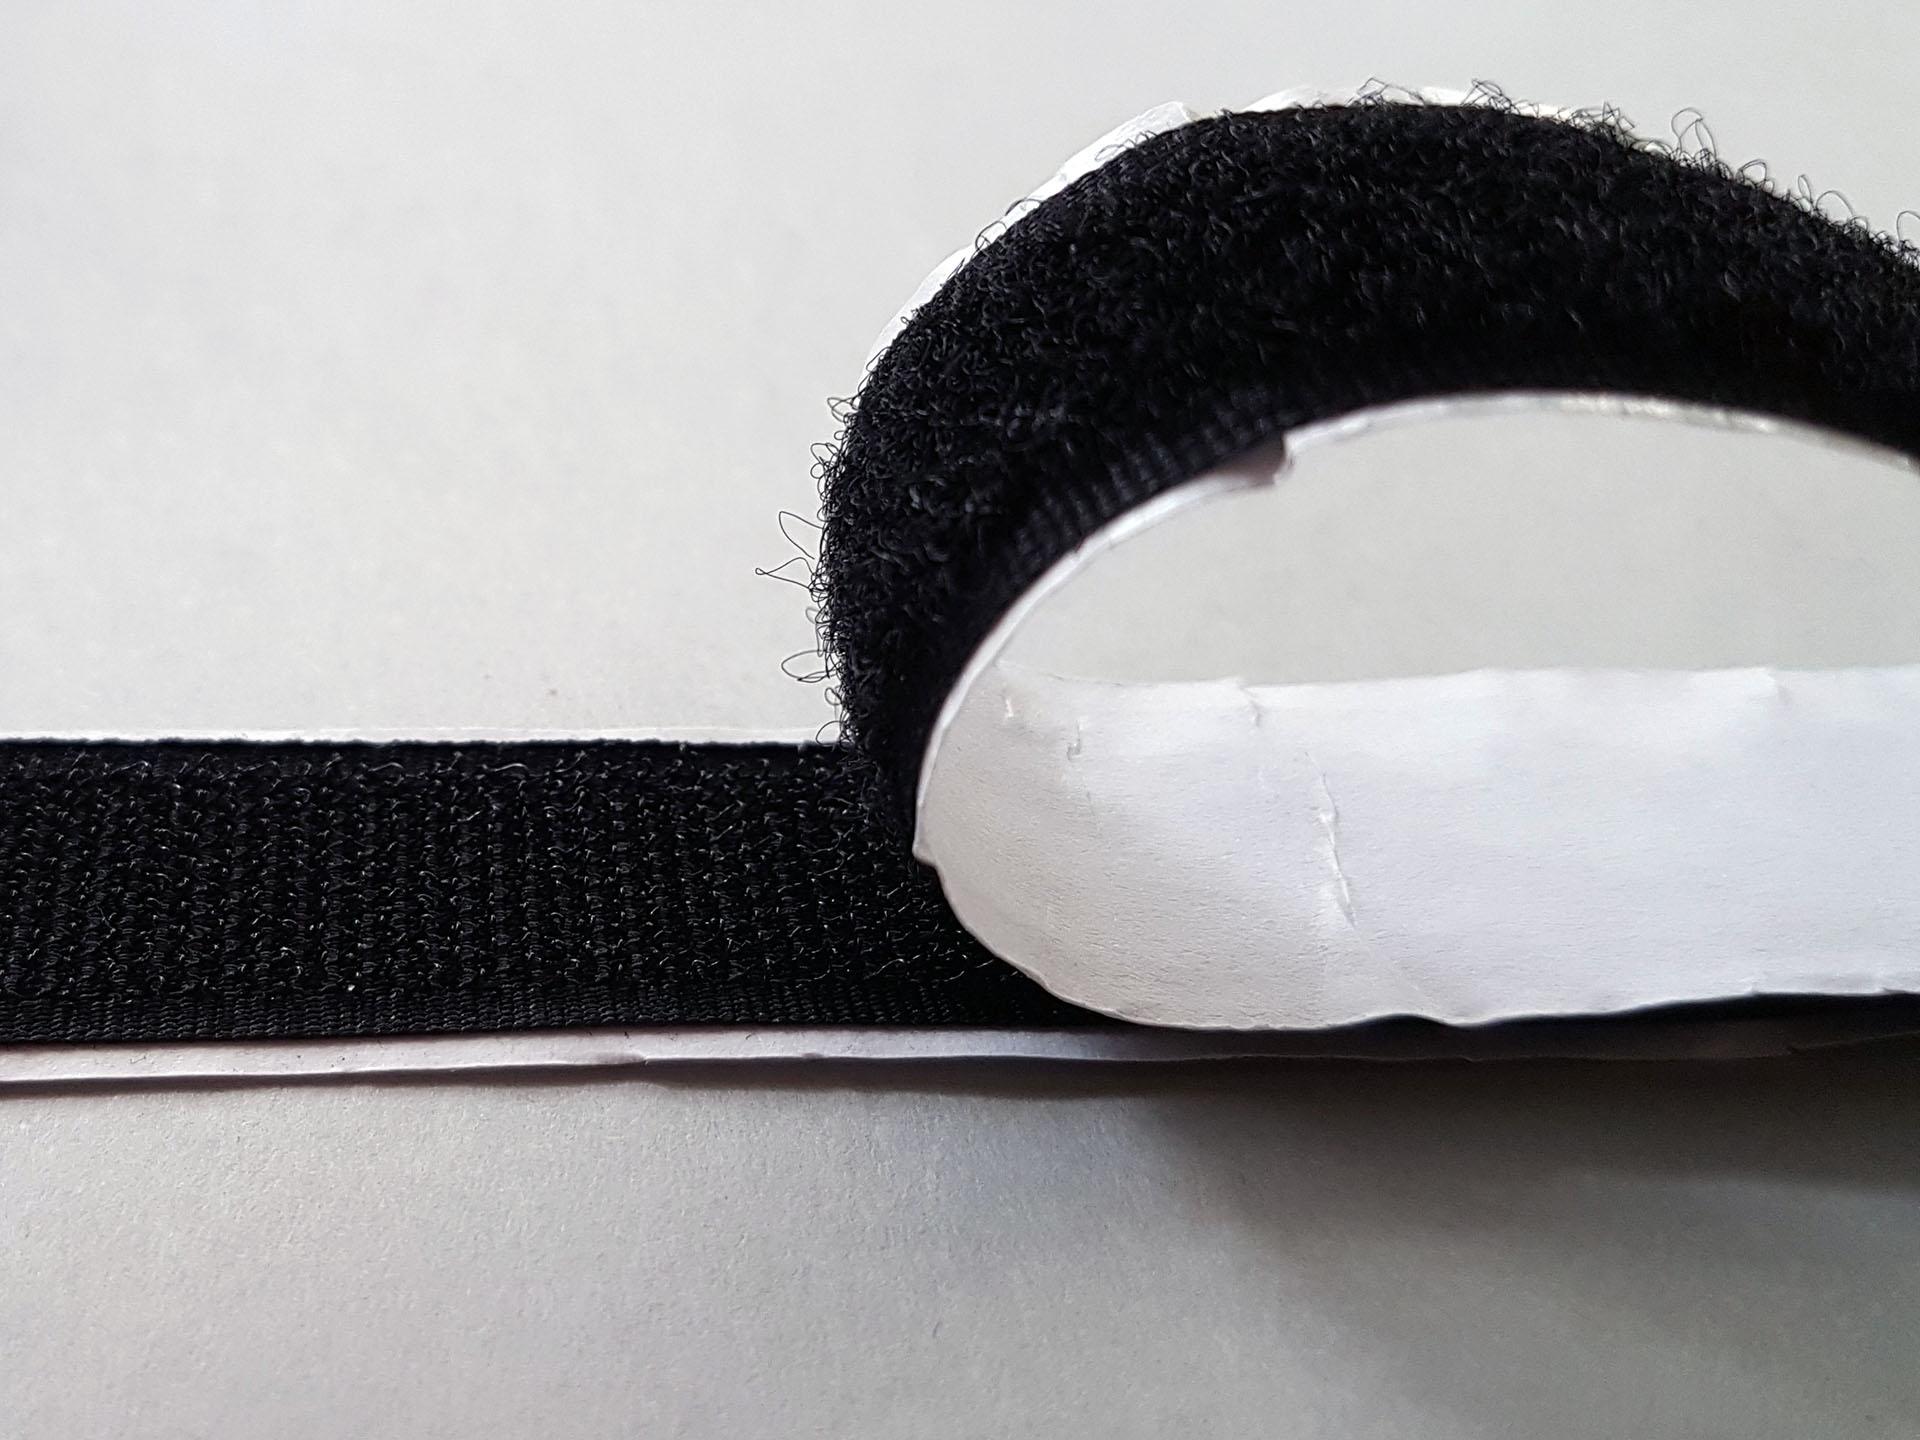 Flauschband selbstklebend Breite 20mm Schwarz Meterware